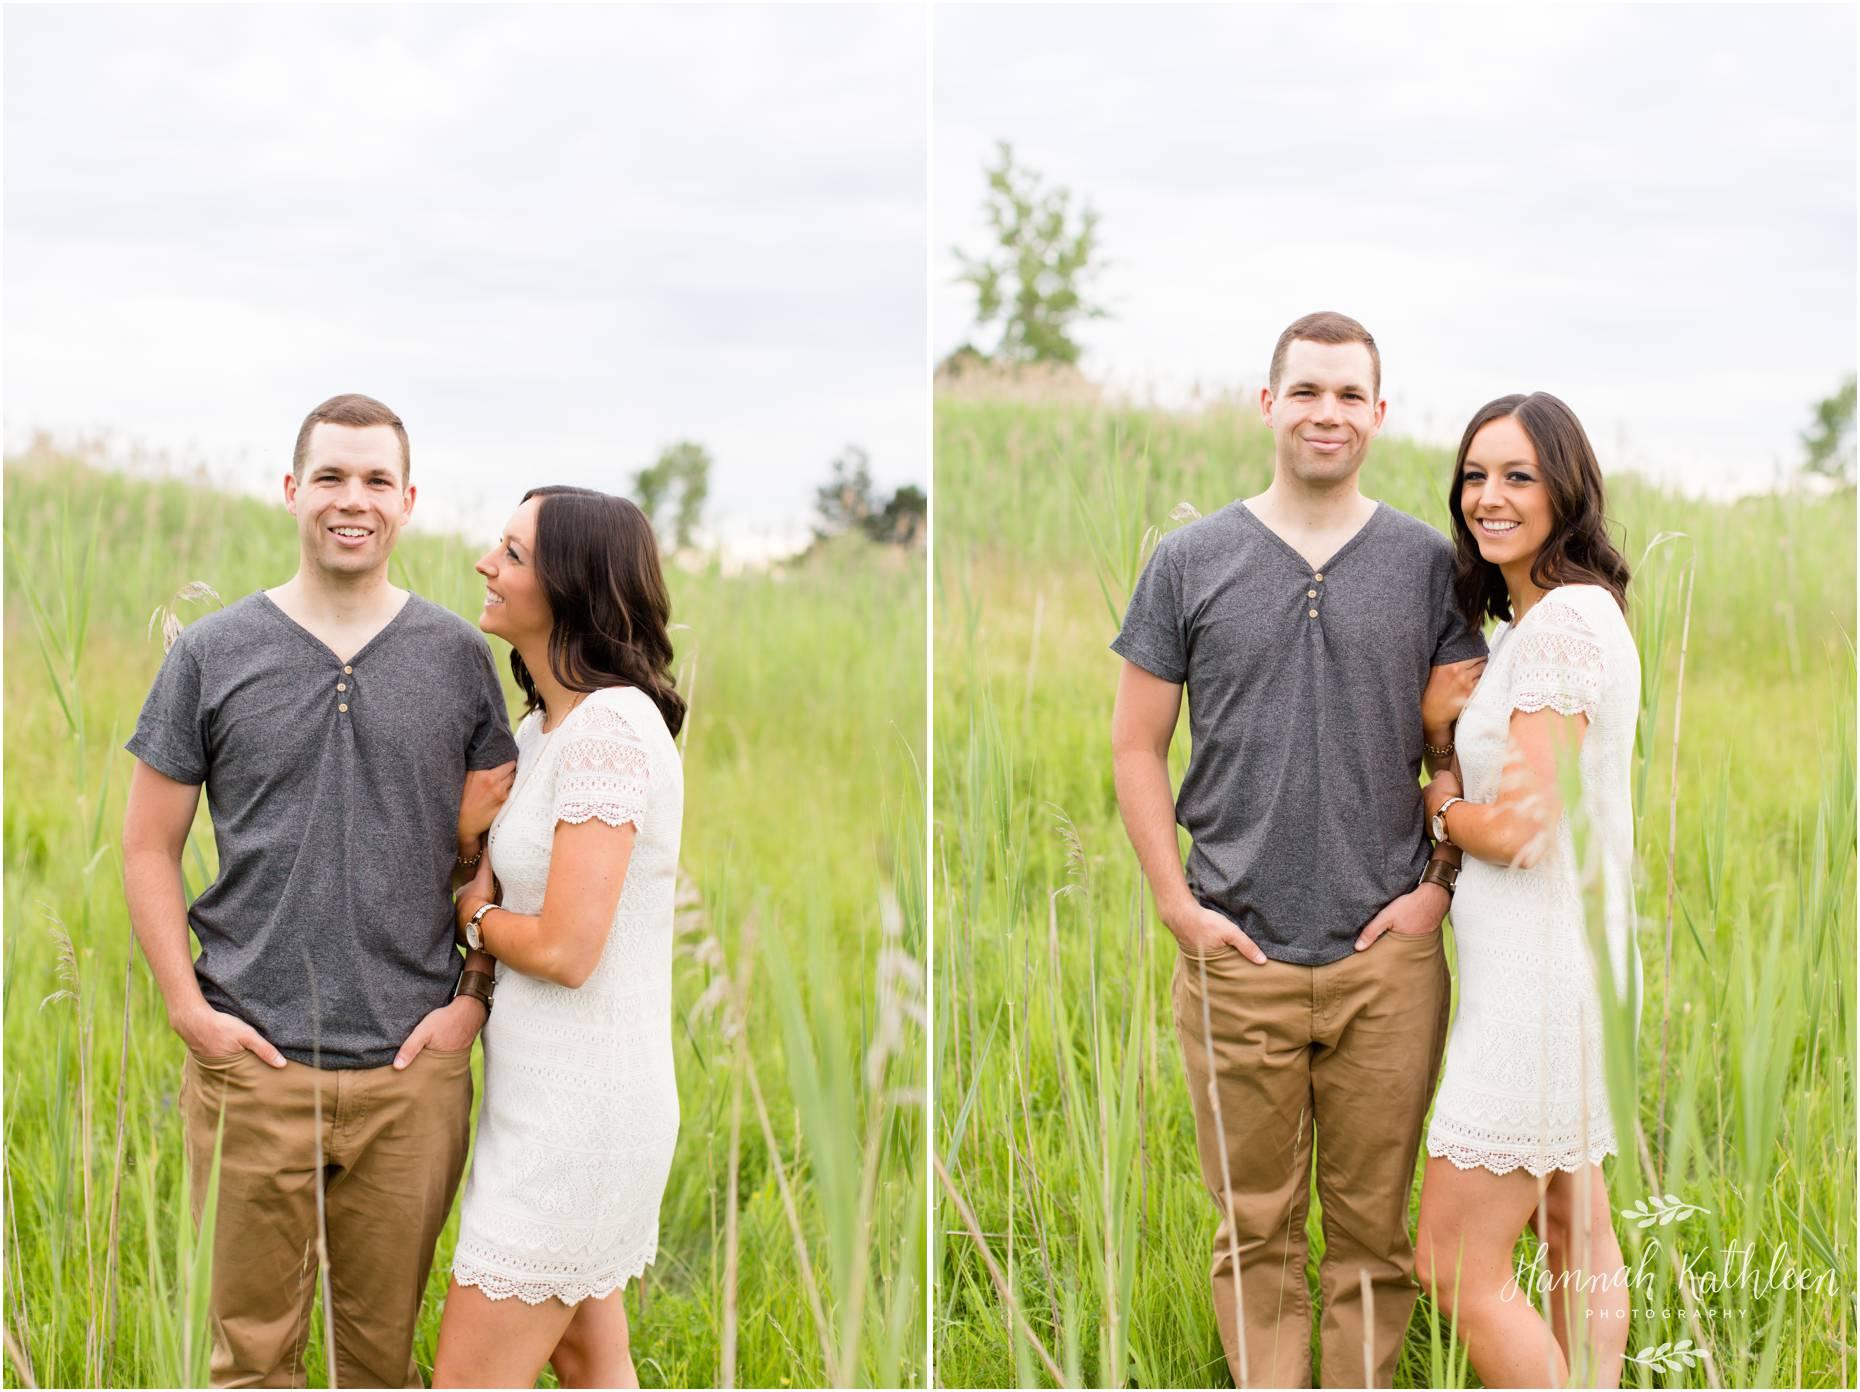 Buffalo_NY_Engagement_Photography_Daniel_Marissa